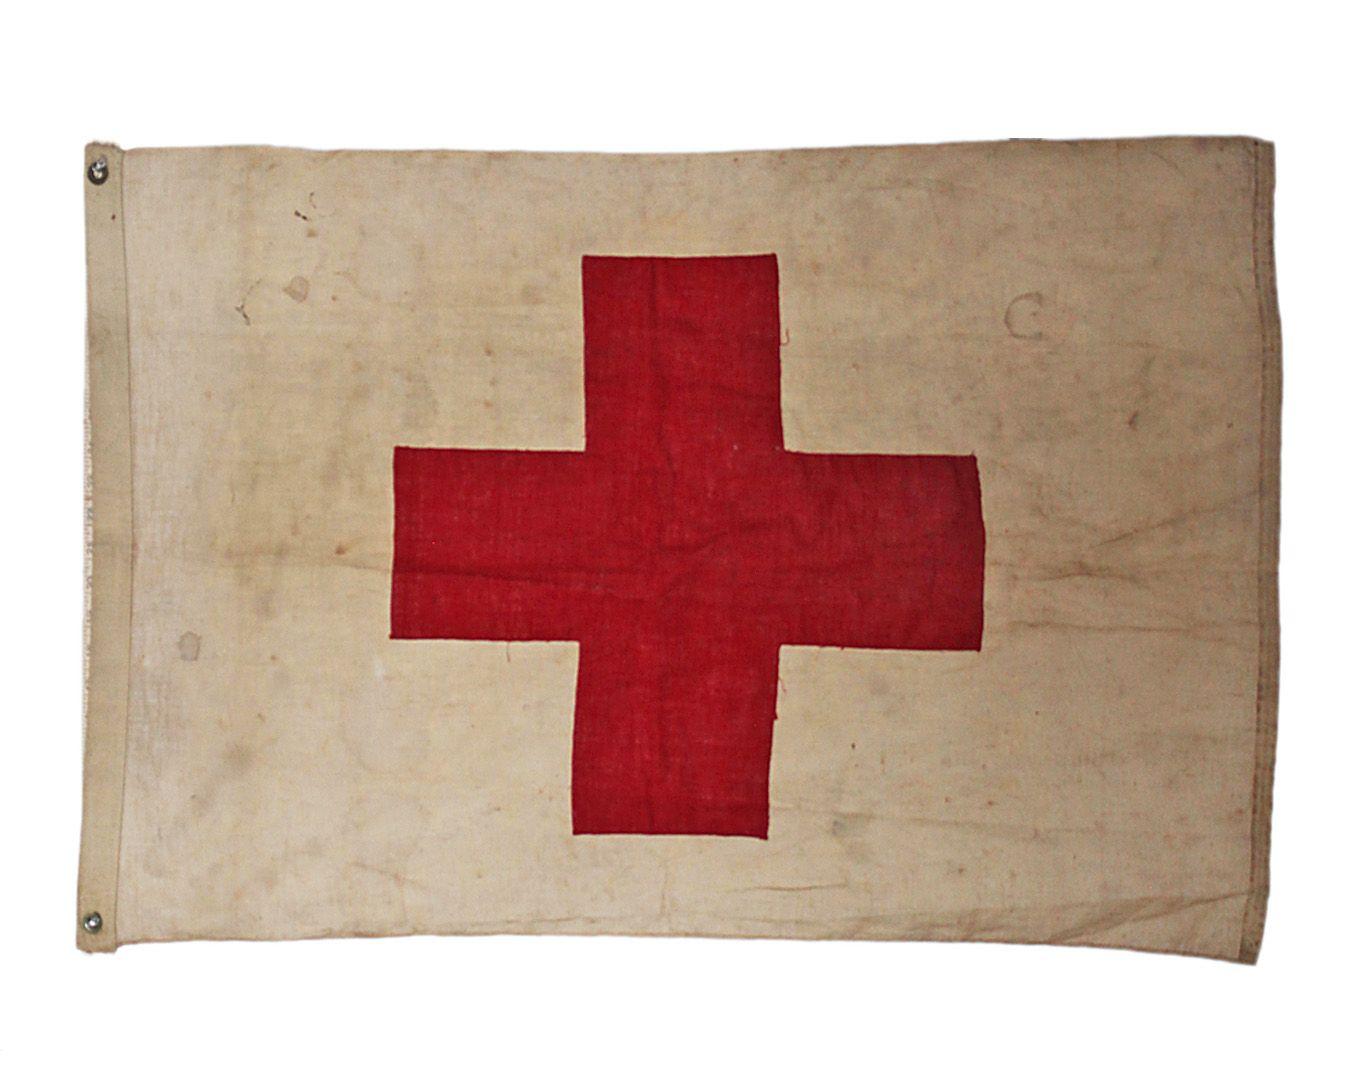 Vintage Red Cross Flag Via Vandm Com Red Cross Cross Flag Ghost In The Machine